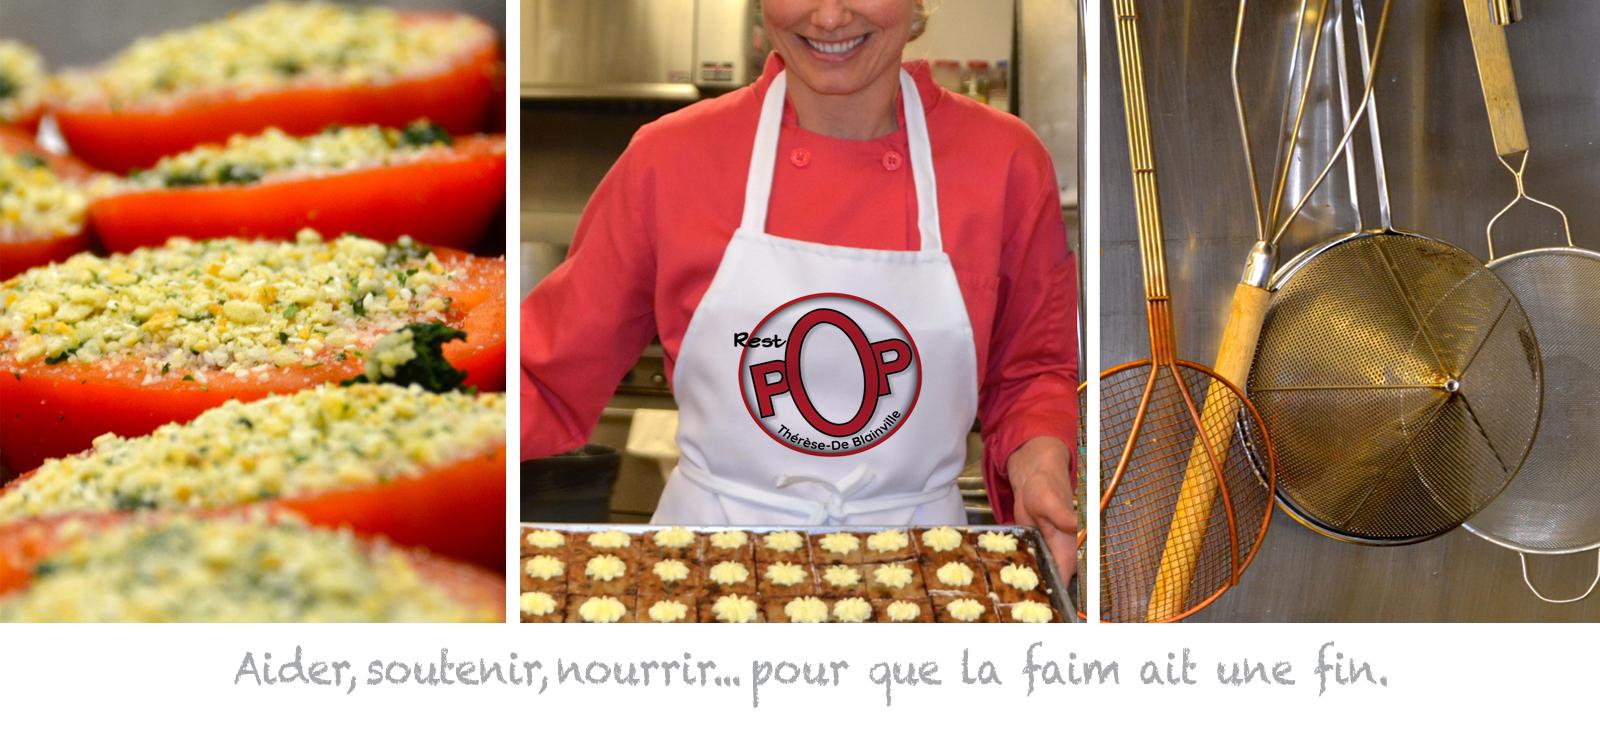 RESTO POP THÉRÈSE-DE BLAINVILLE